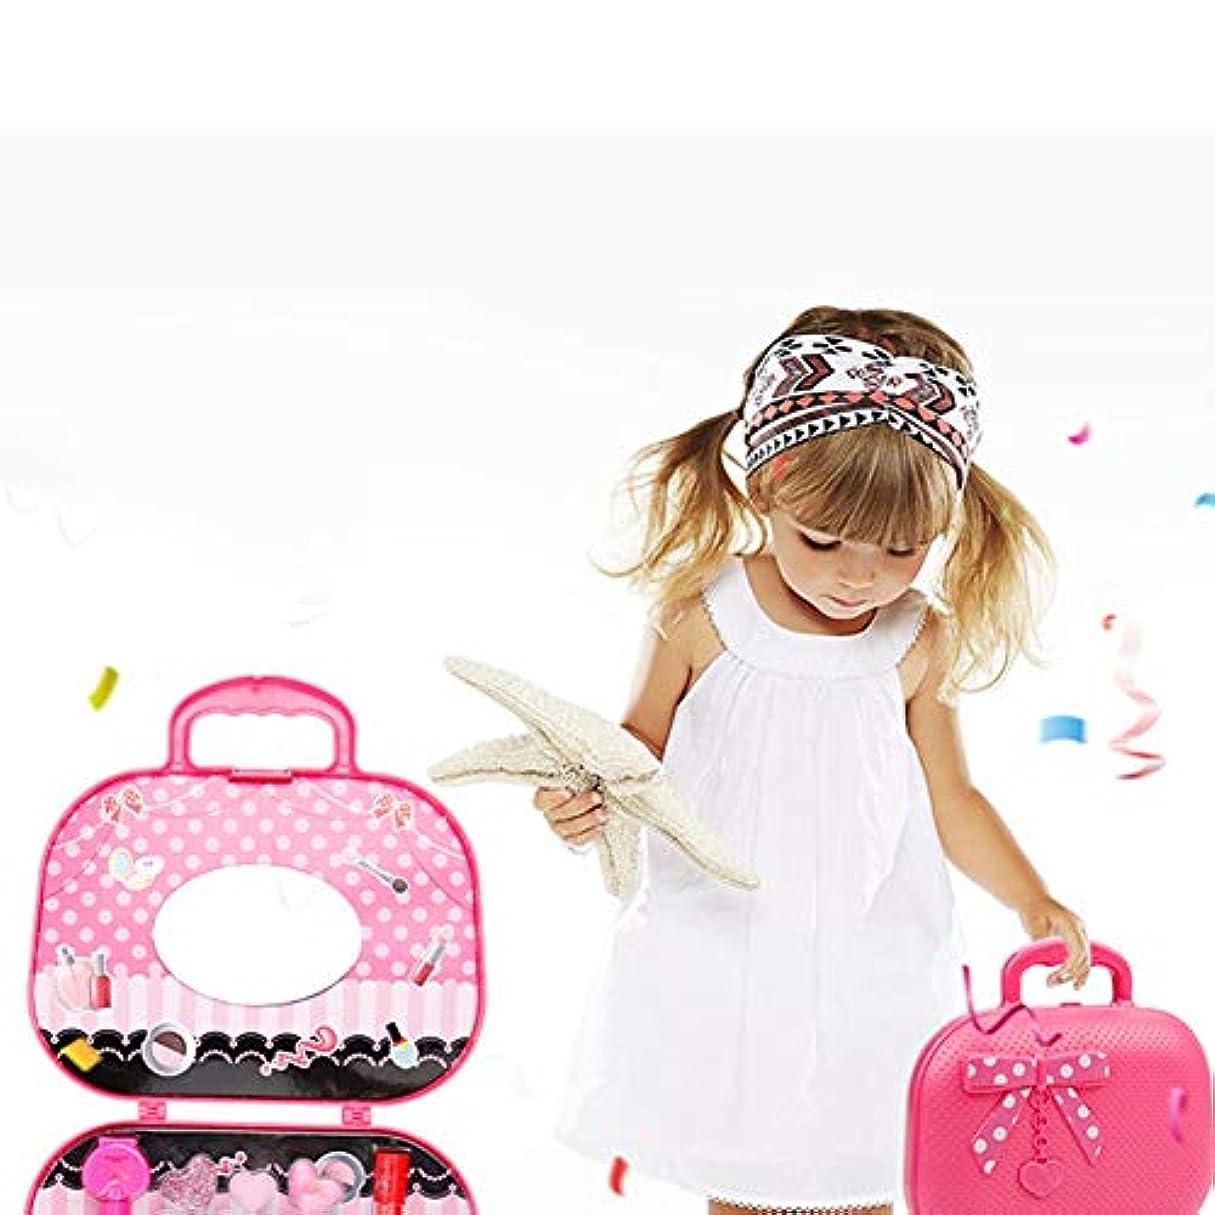 ピボットアノイワームかわいいプリンセスふりメイクセットキッズガールズシミュレーション口紅子供のおもちゃ - ピンク